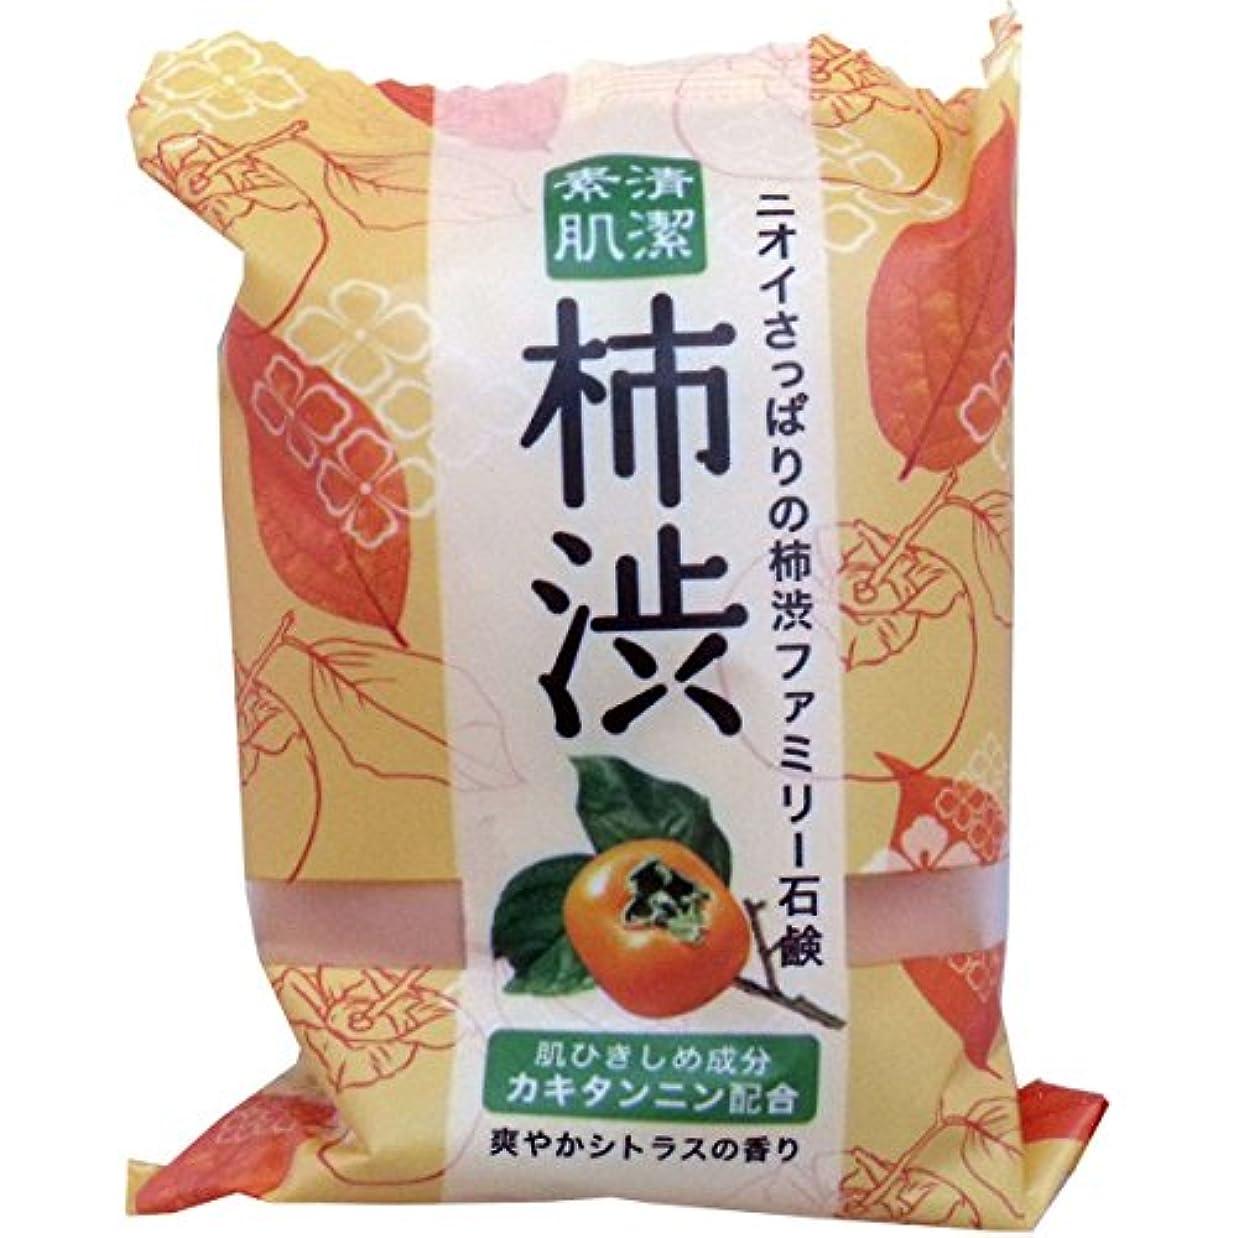 兵隊ワードローブ繕うペリカン石鹸 ファミリー柿渋石鹸(1個)